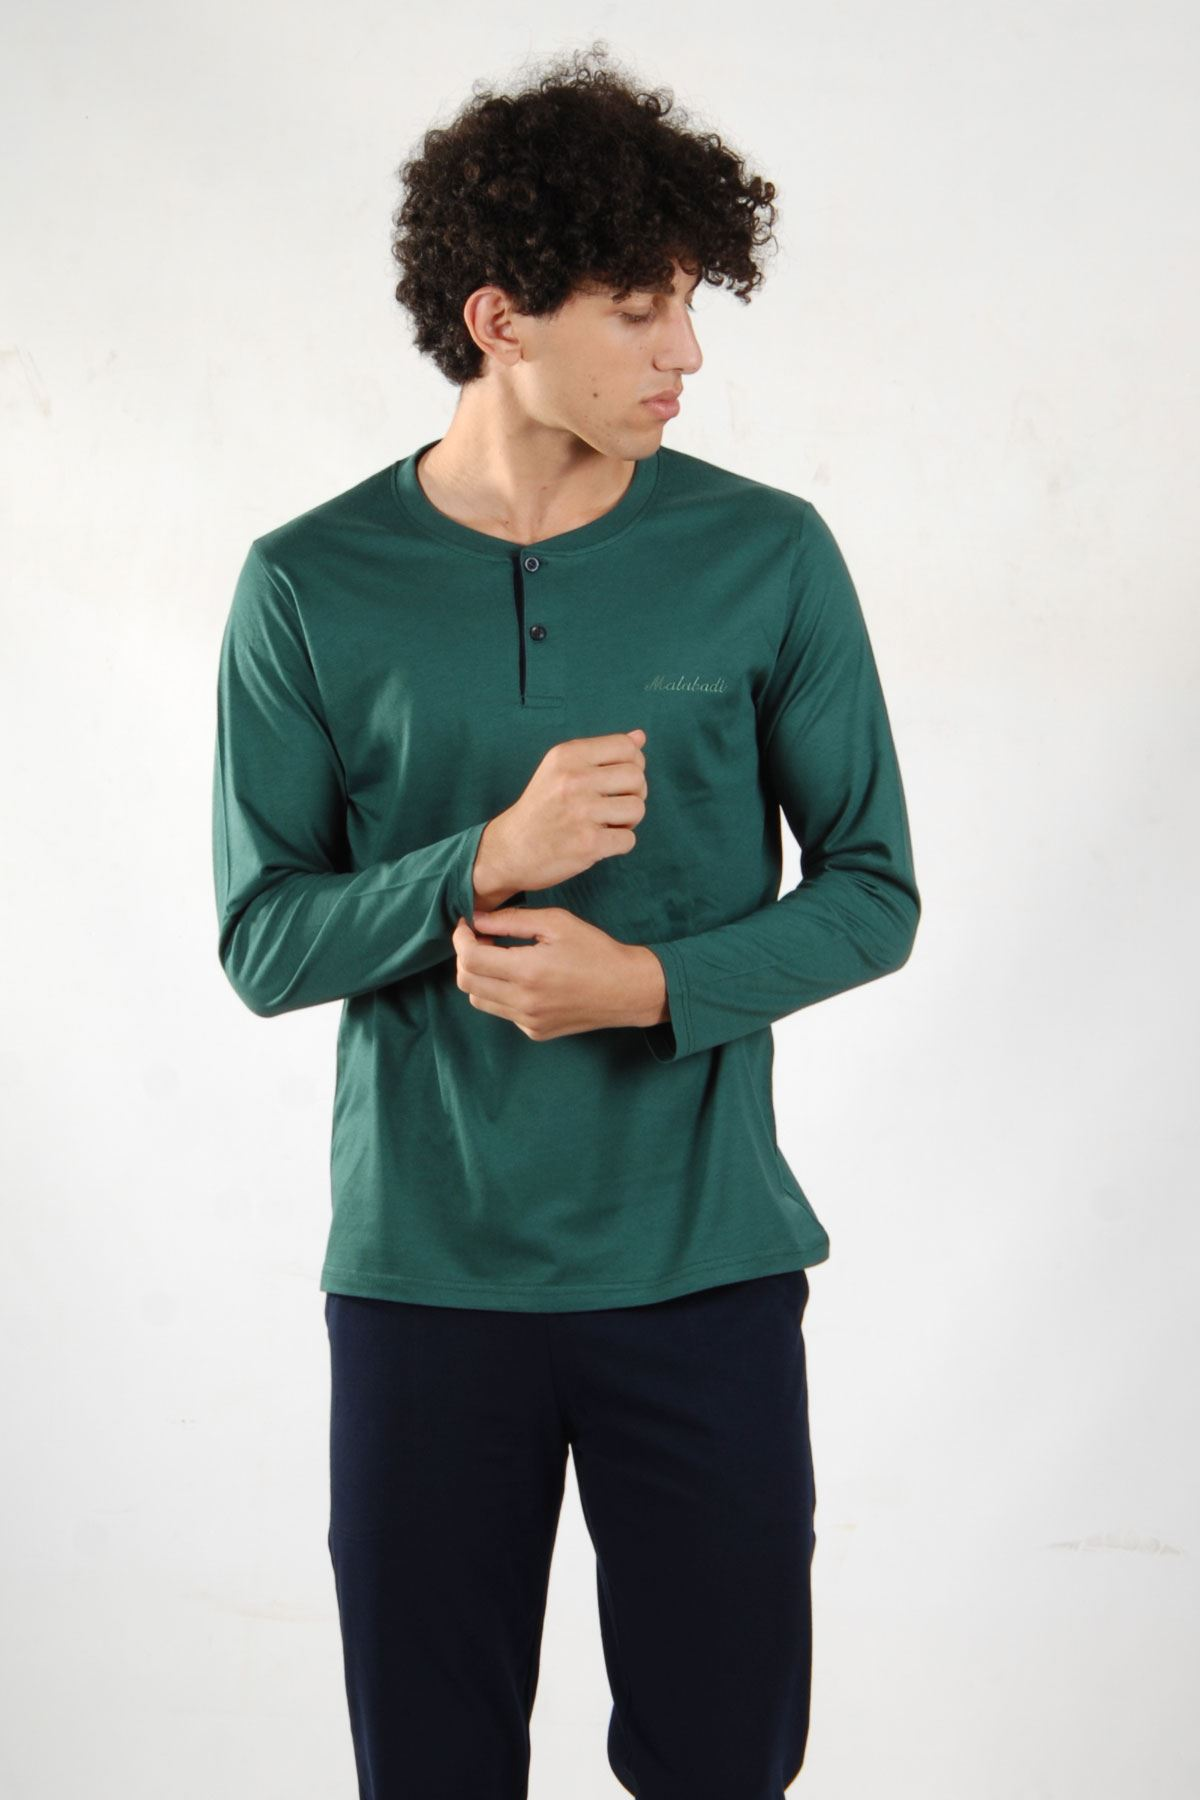 Outlet Yeşil Erkek Pijama Takımı Düğmeli Yaka Uzun Kollu Pijama 6008